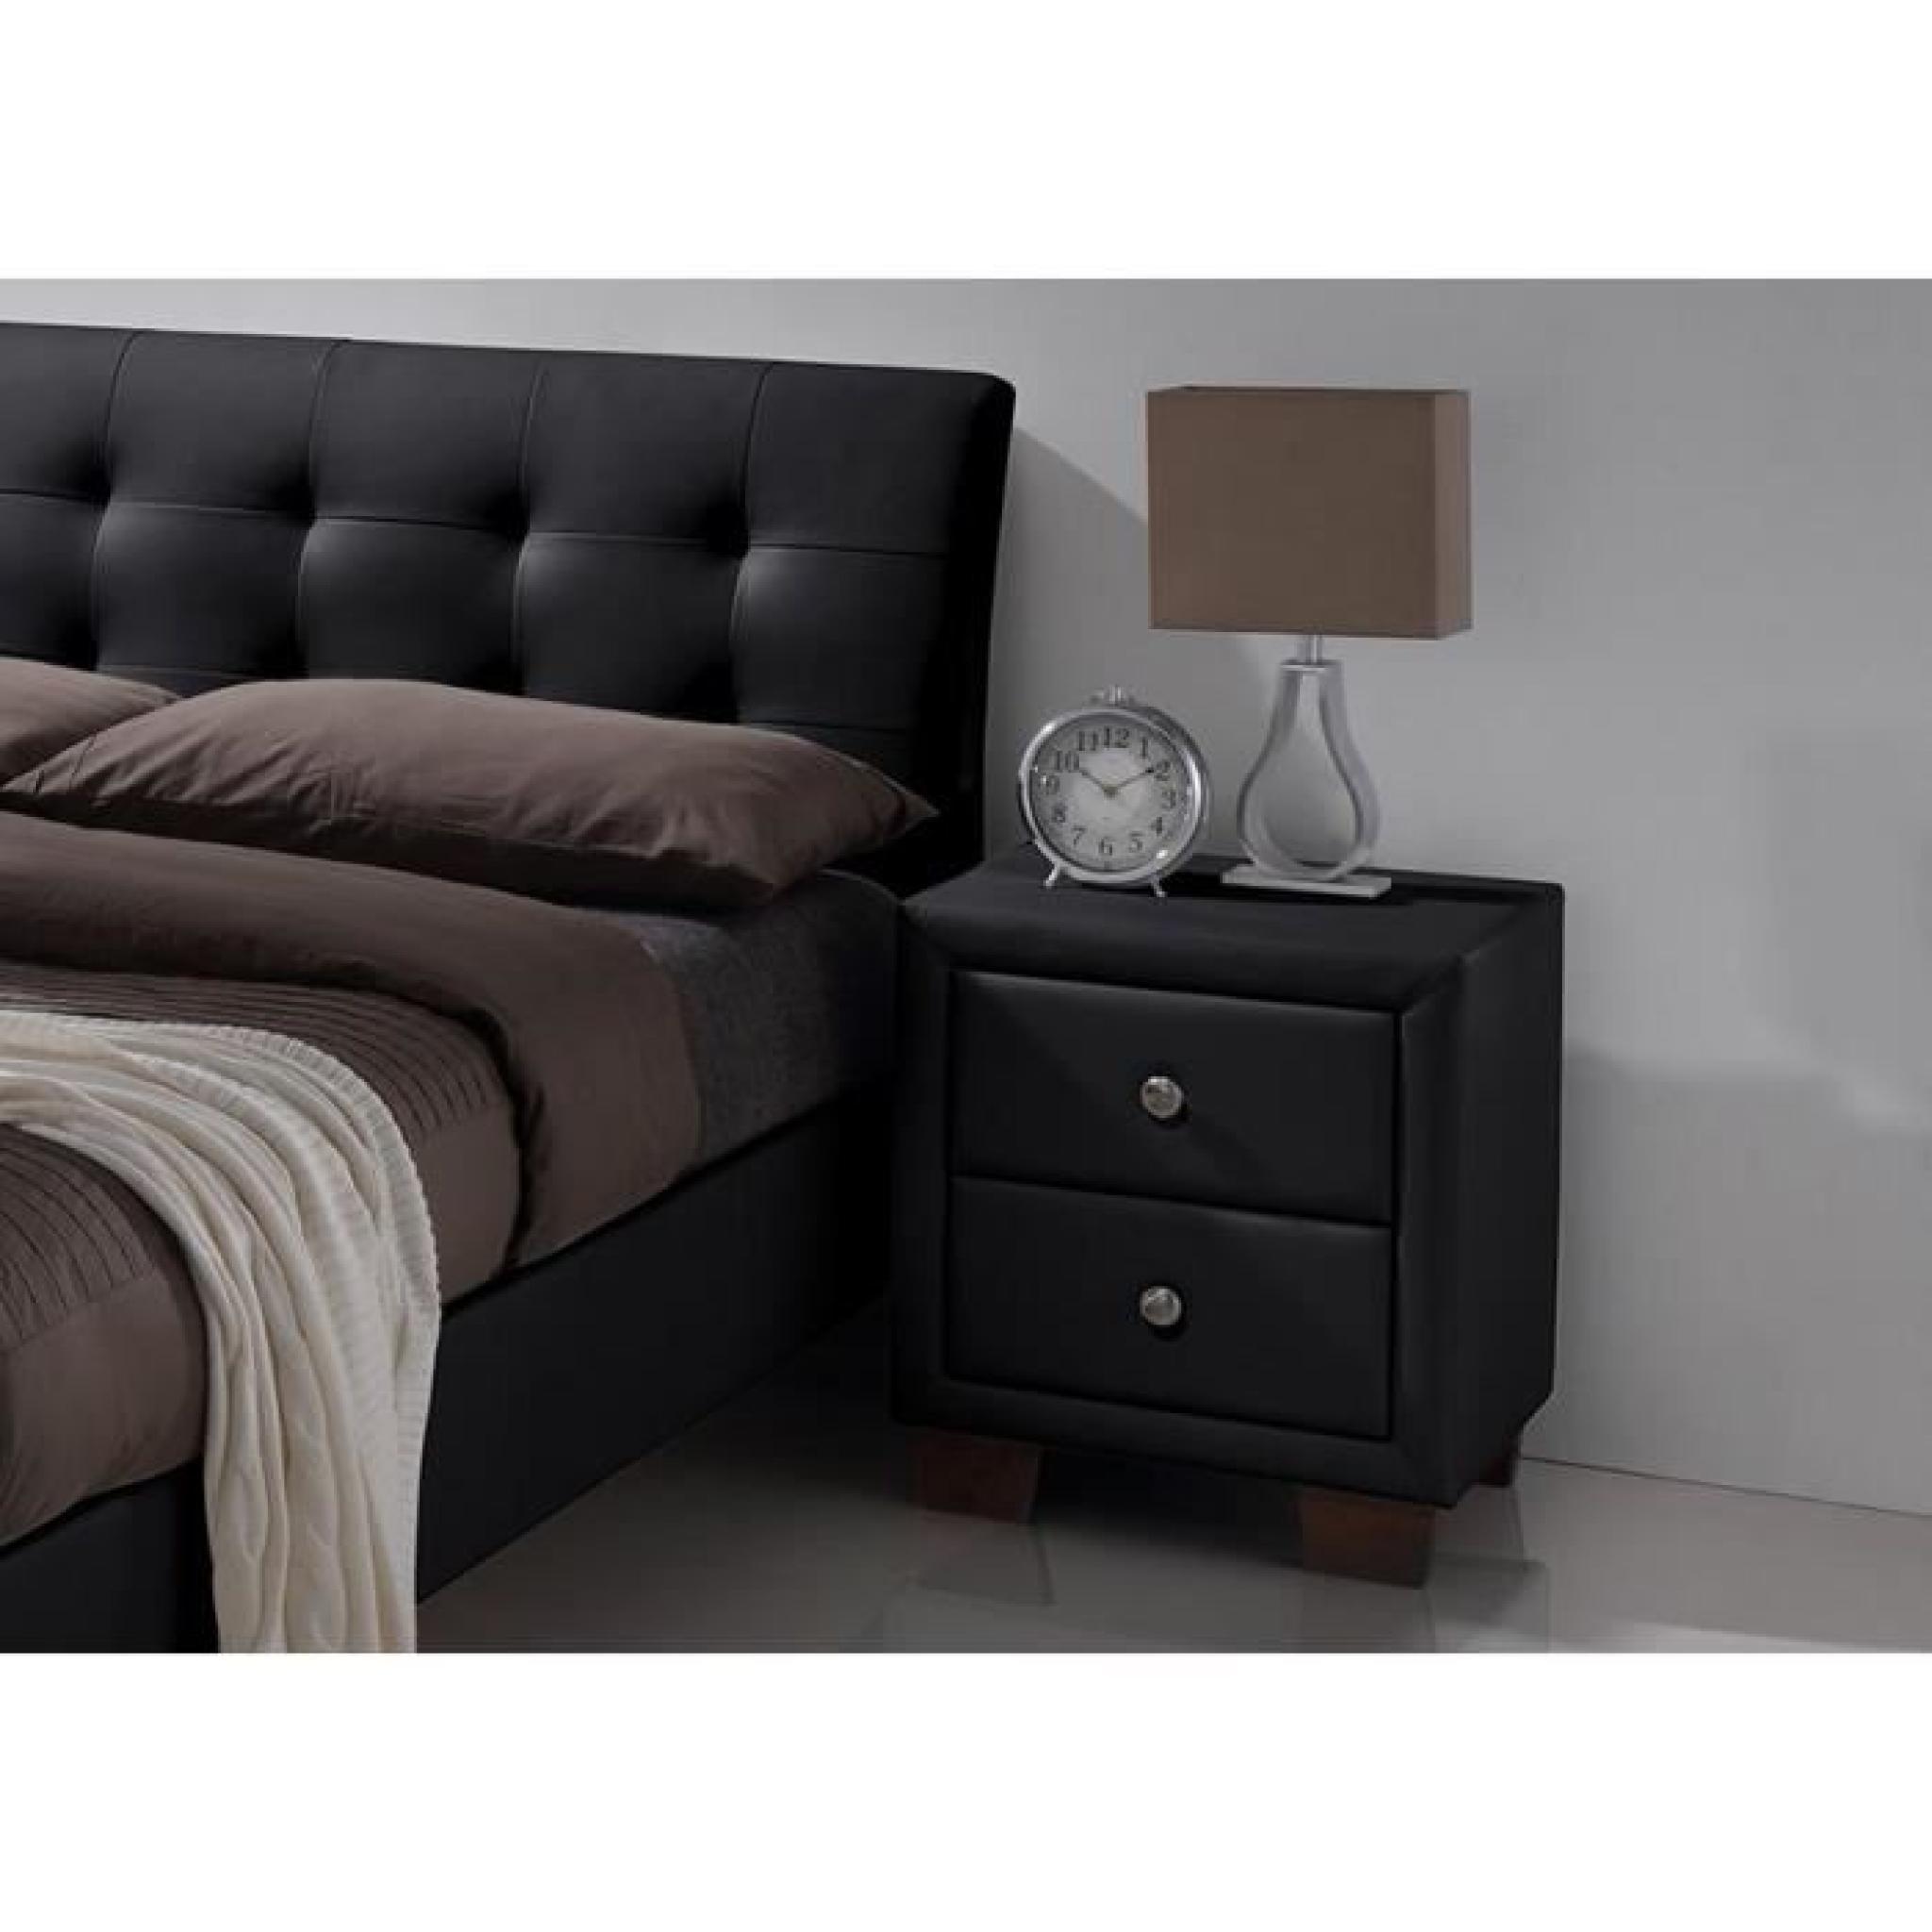 chevet 2 tiroirs simili noir samara 50 cm achat vente table de chevet pas cher couleur et. Black Bedroom Furniture Sets. Home Design Ideas